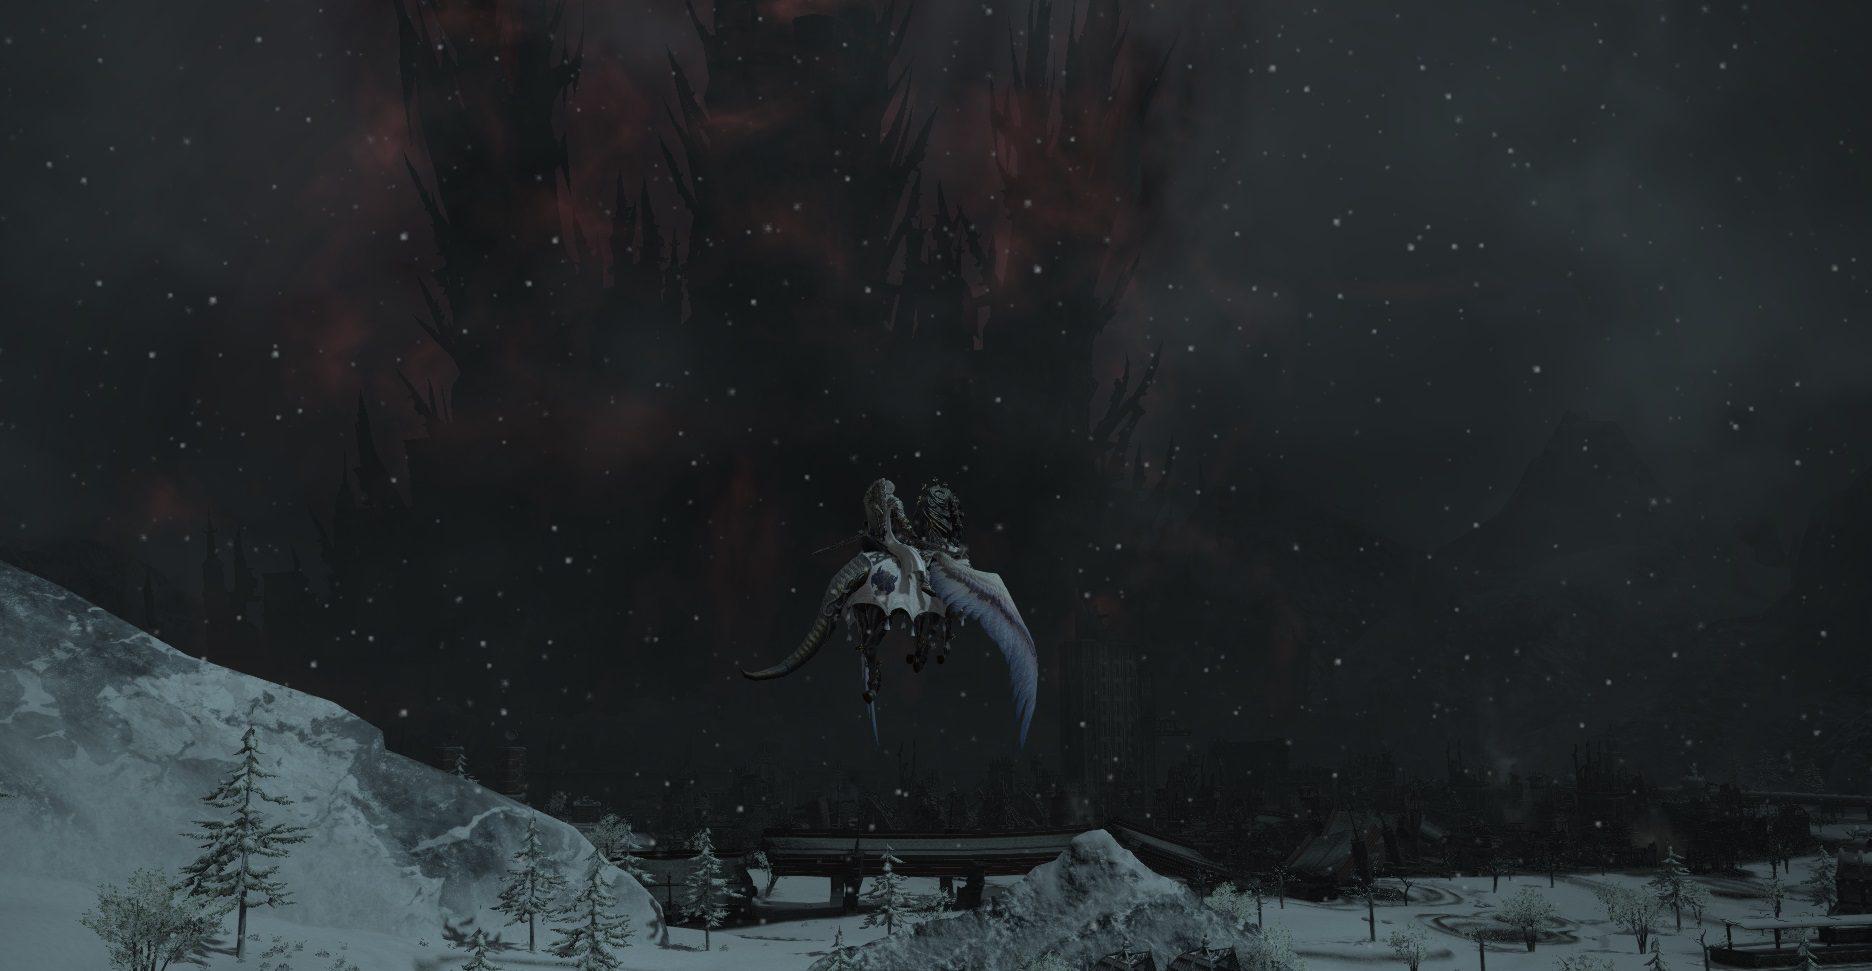 Final Fantasy XIV preview 4